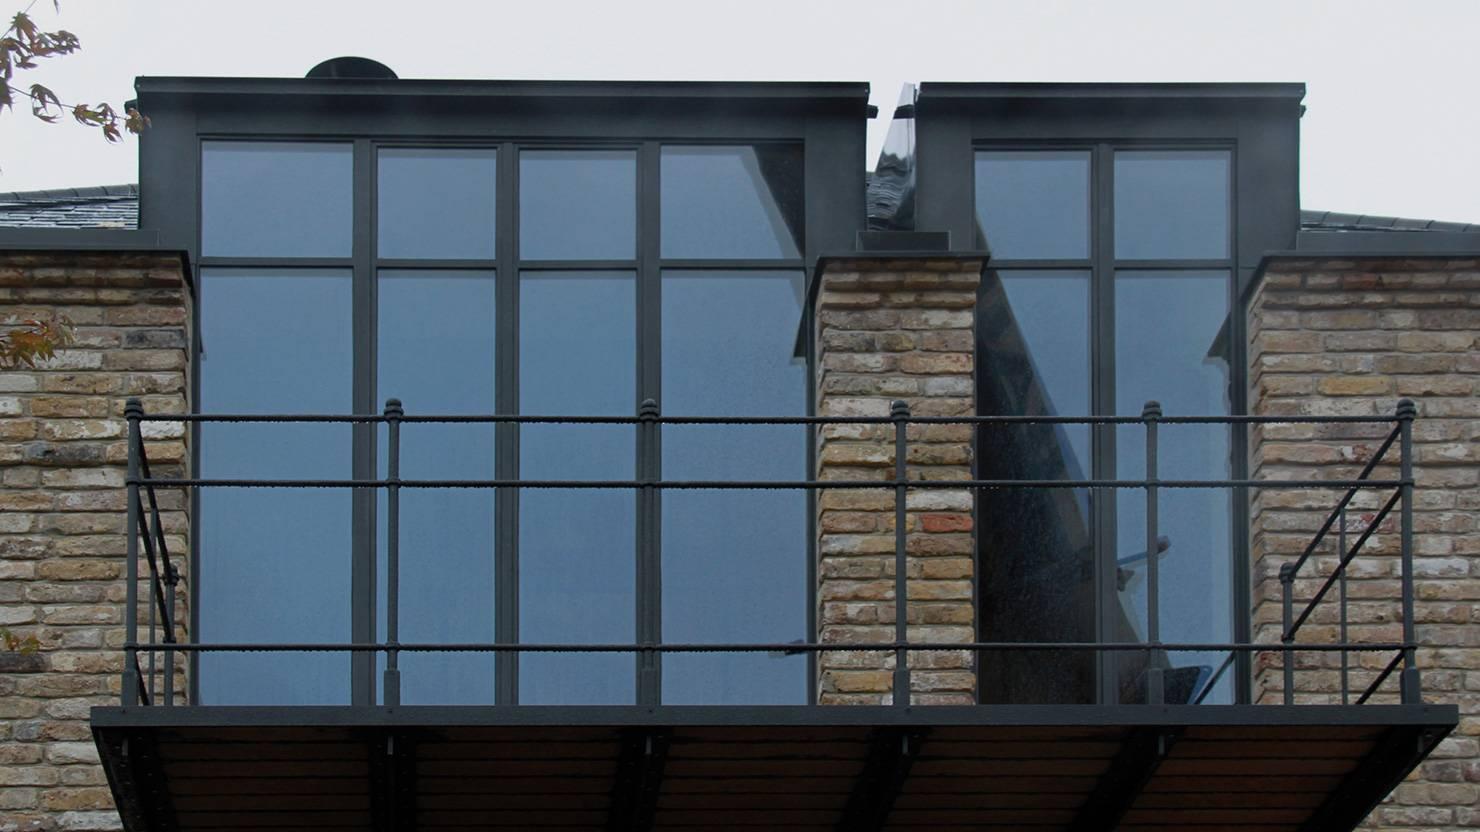 serramenti-acciaio-zincato-privathaus-gogl-architekten-3_project_big